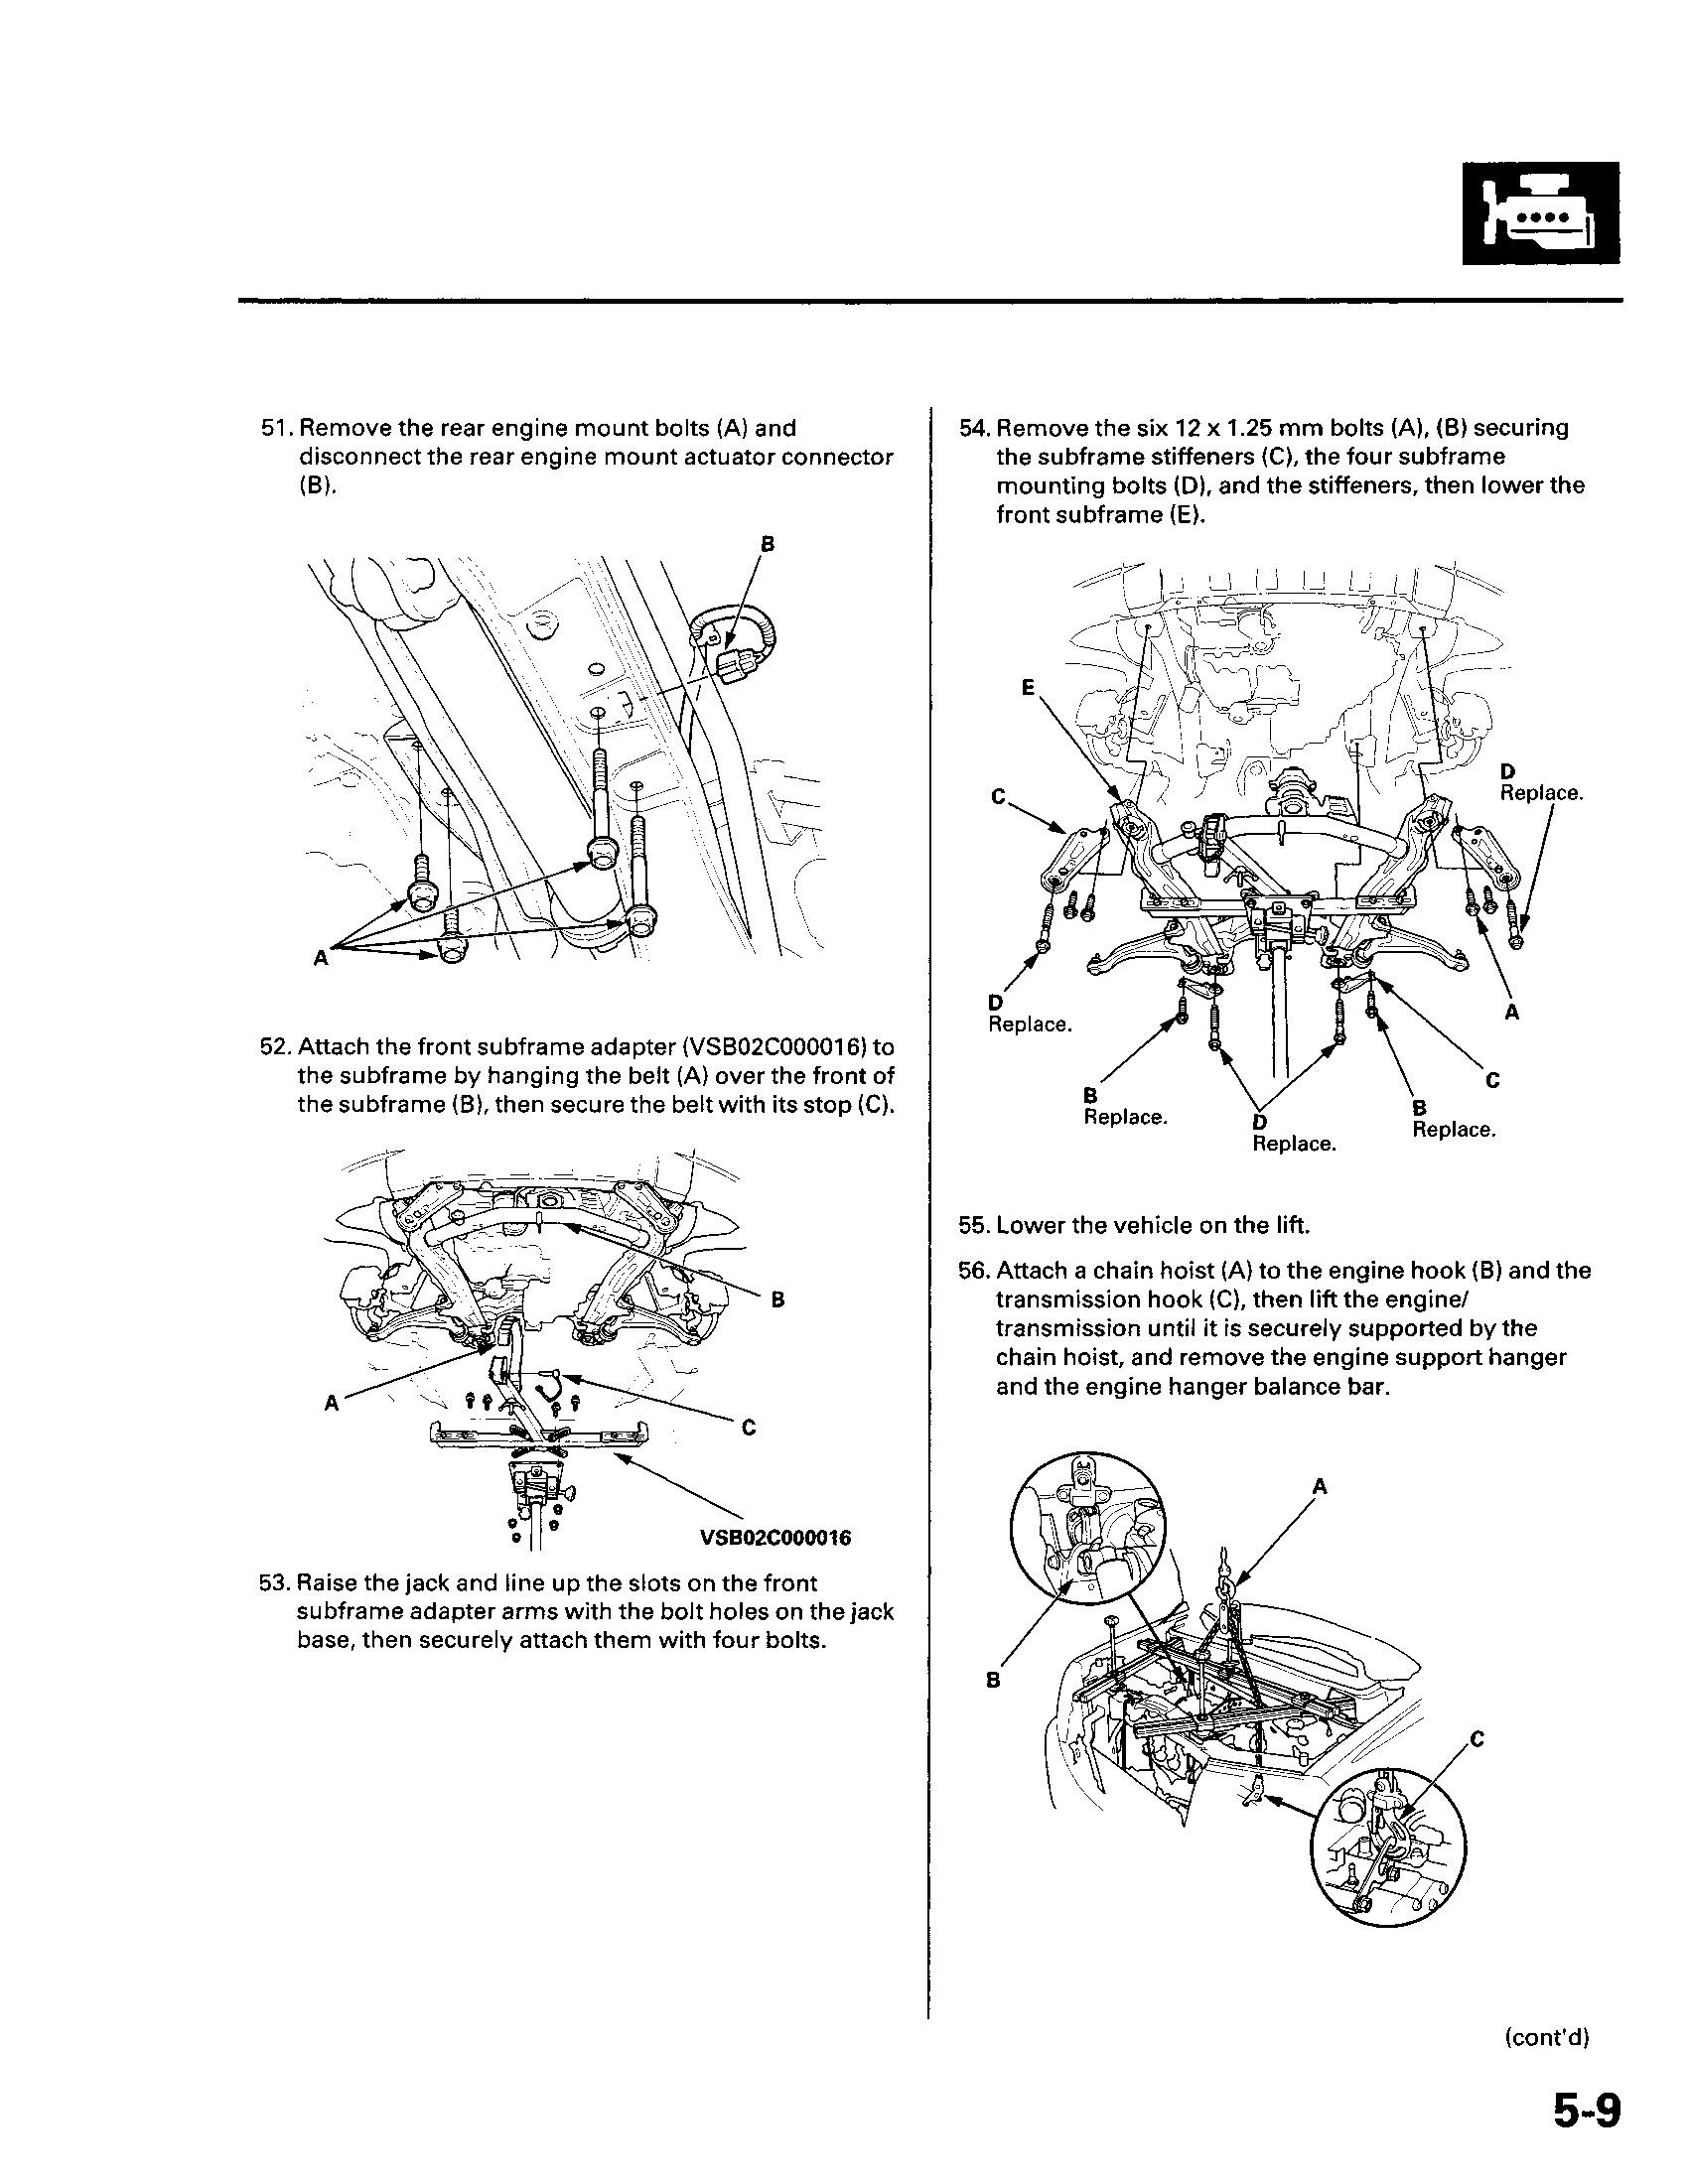 2009-2010 Honda Pilot Service Repair Manual.